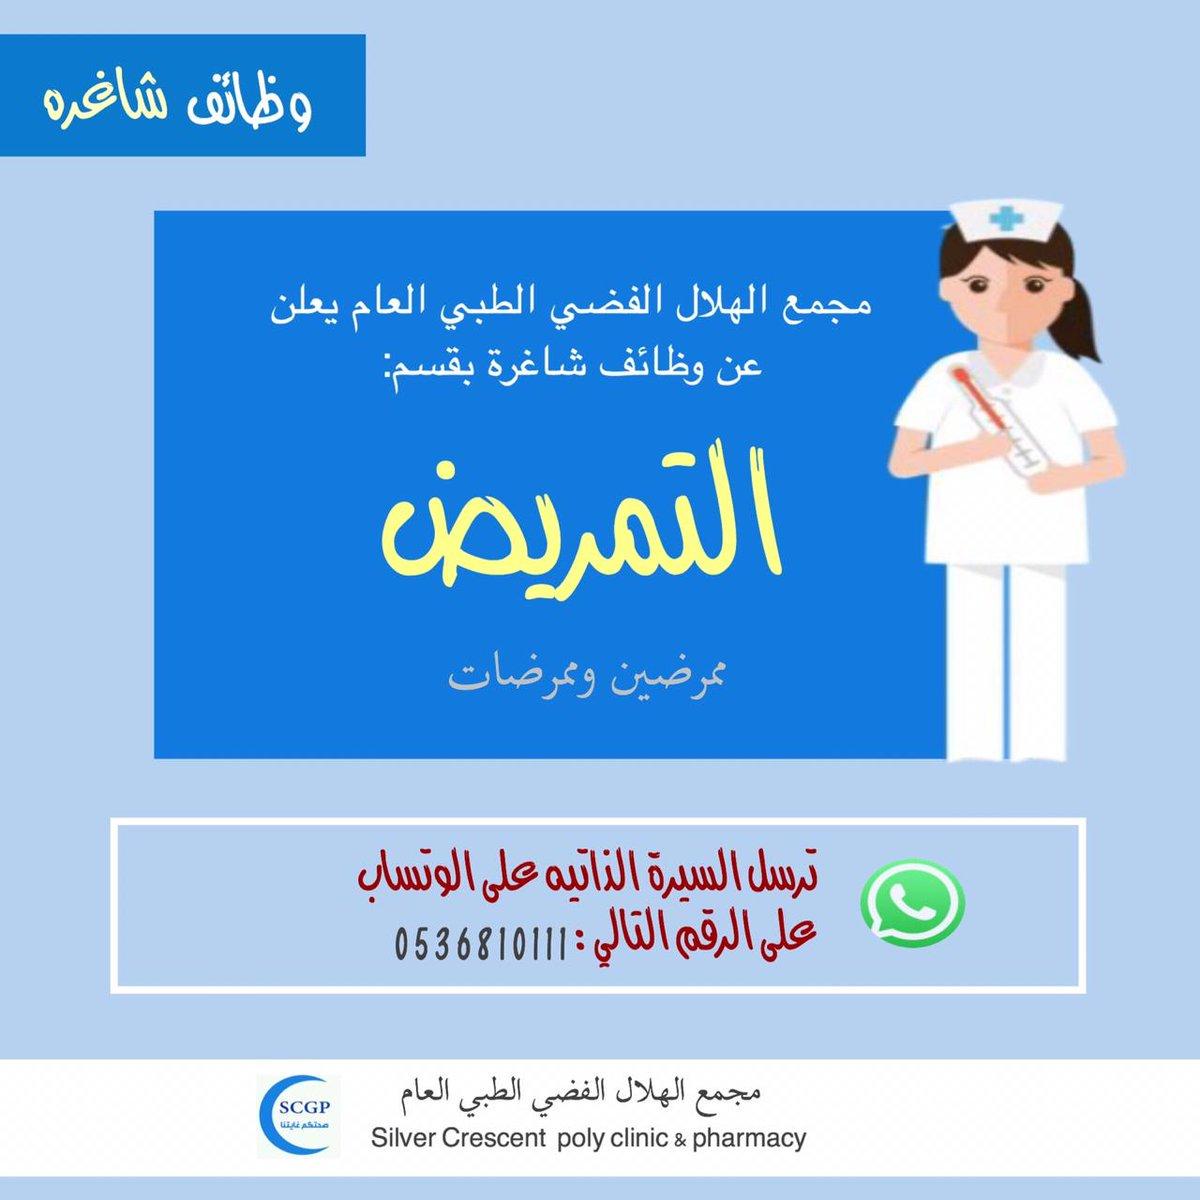 وظائف للسعوديين من الجنسين بمجمع الهلال الفضي الطبي العام بالخبرممرضين و ممرضات#وظائف_نسائية #وظائف_شاغرة #وظائف_الرياض #وظائف #صباح_الاحدَ